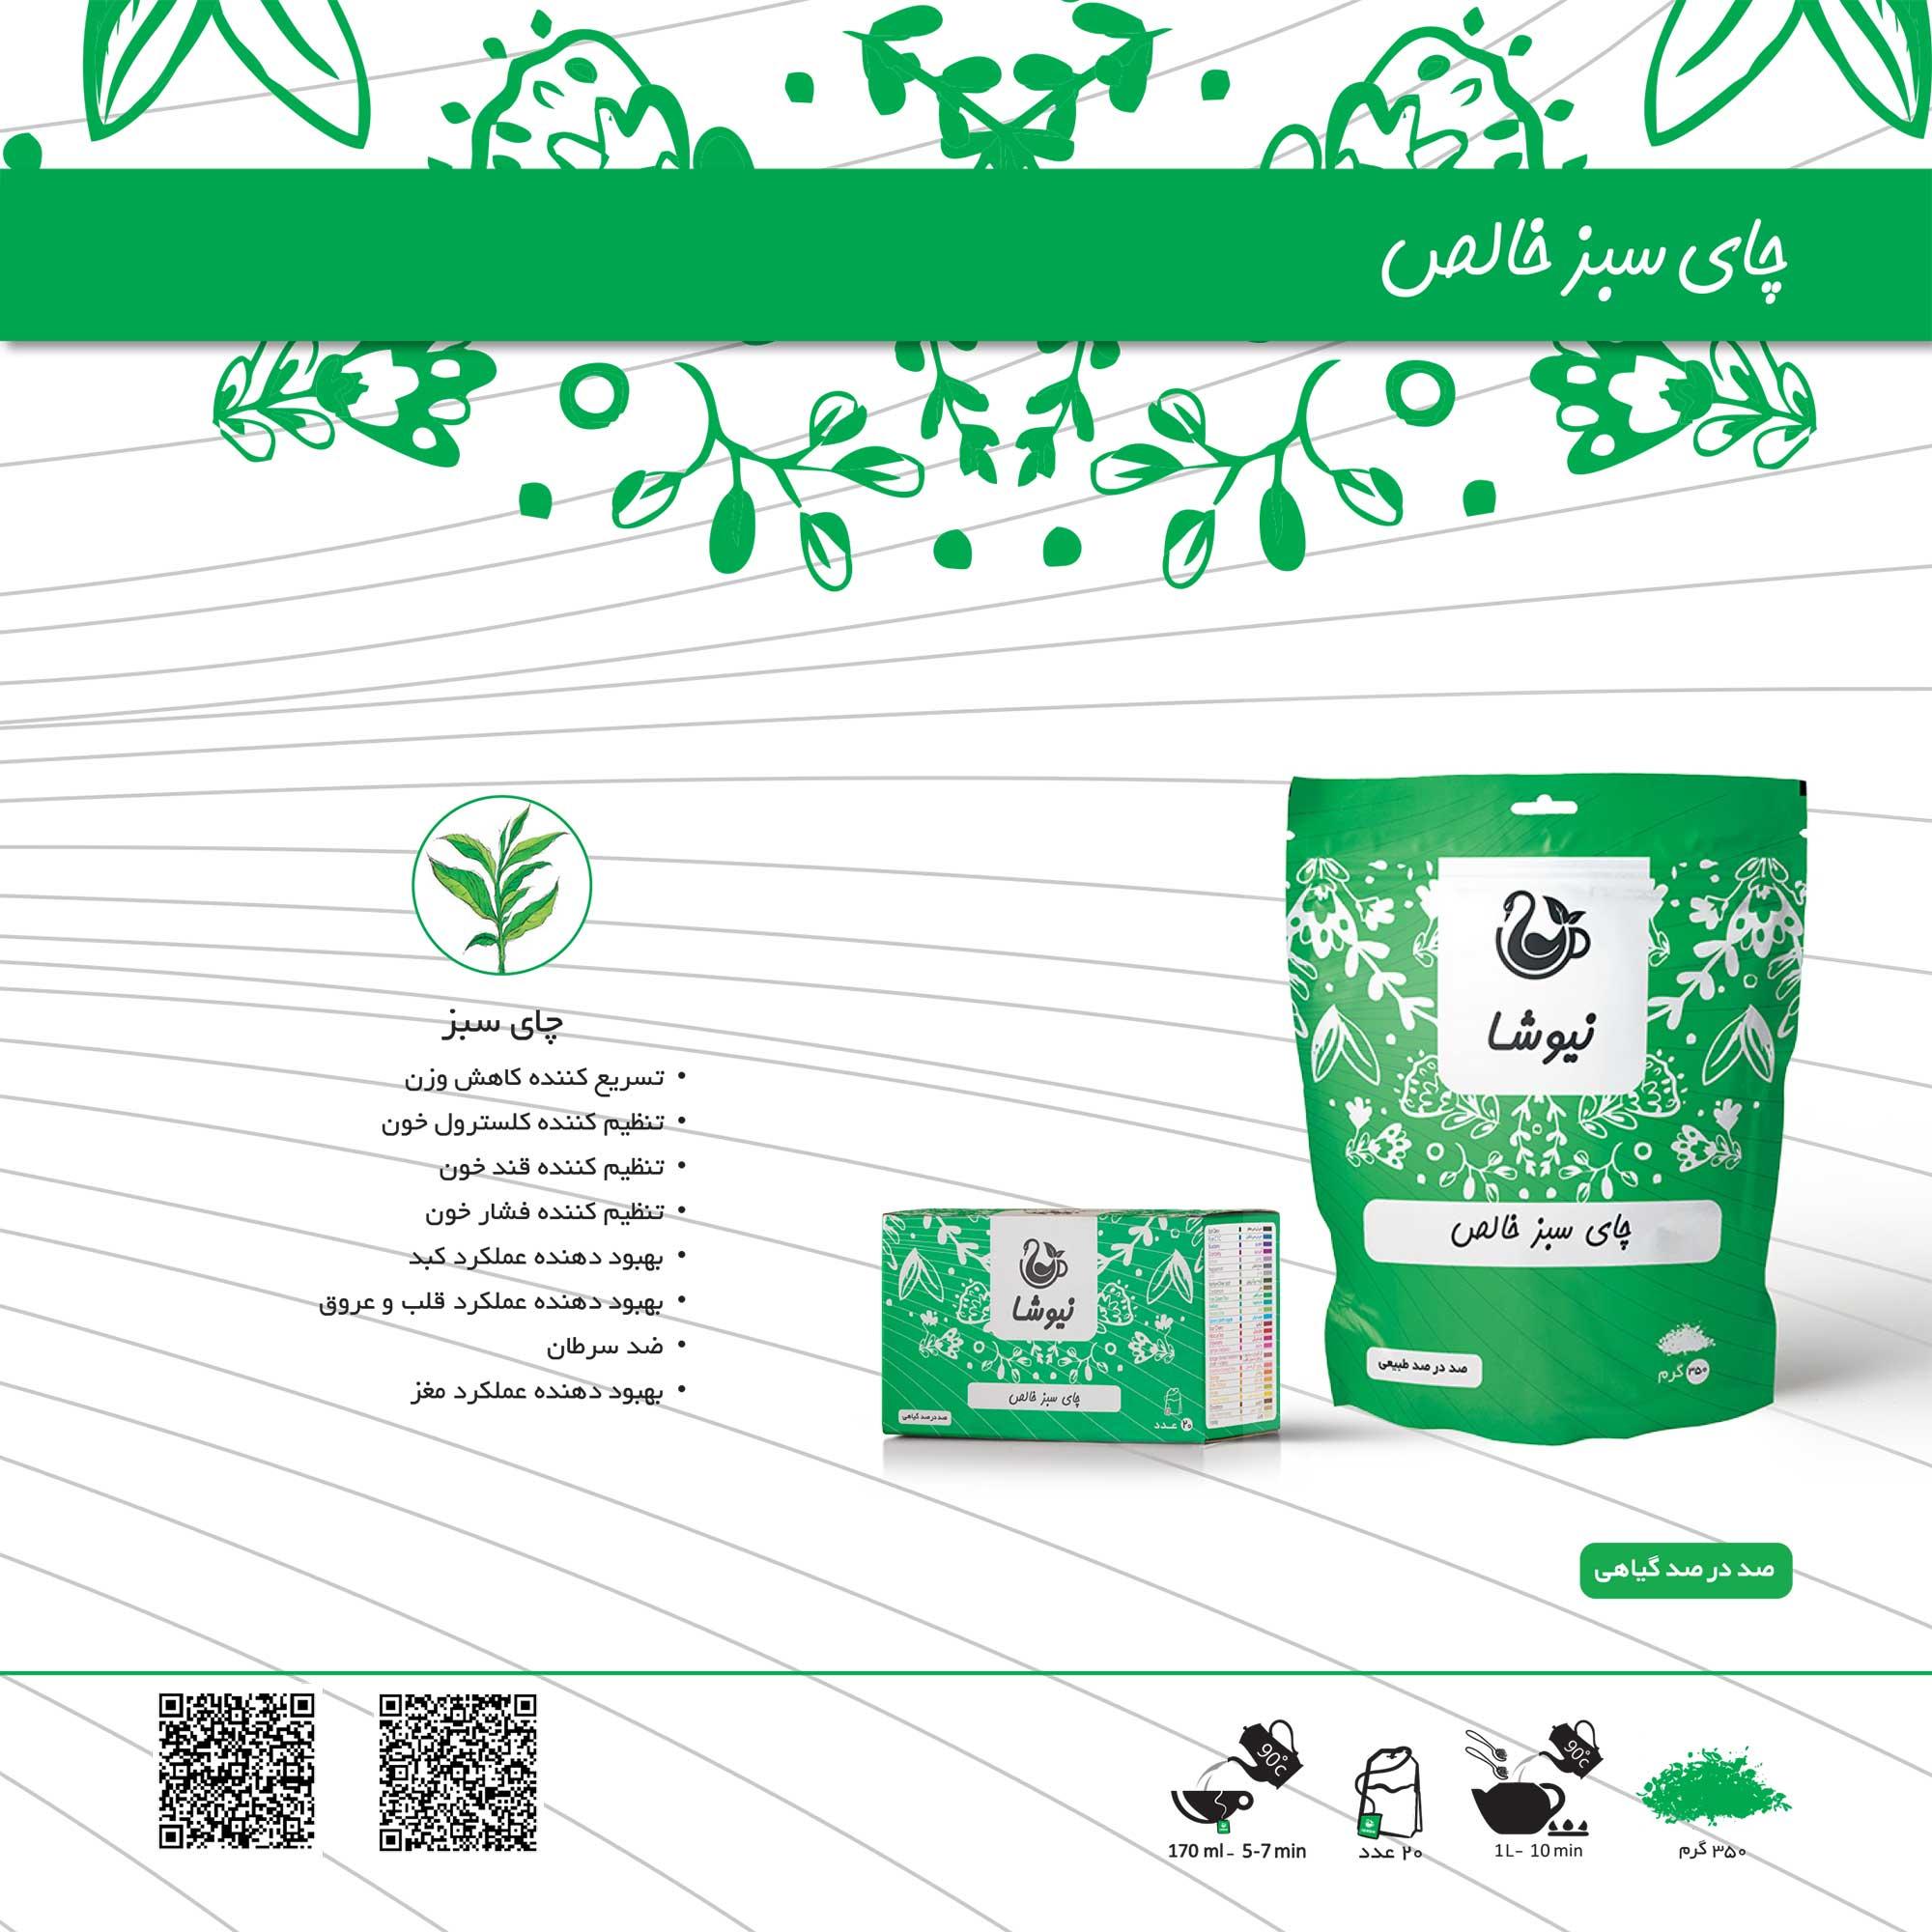 اینفوگرافی چای سبز خالص